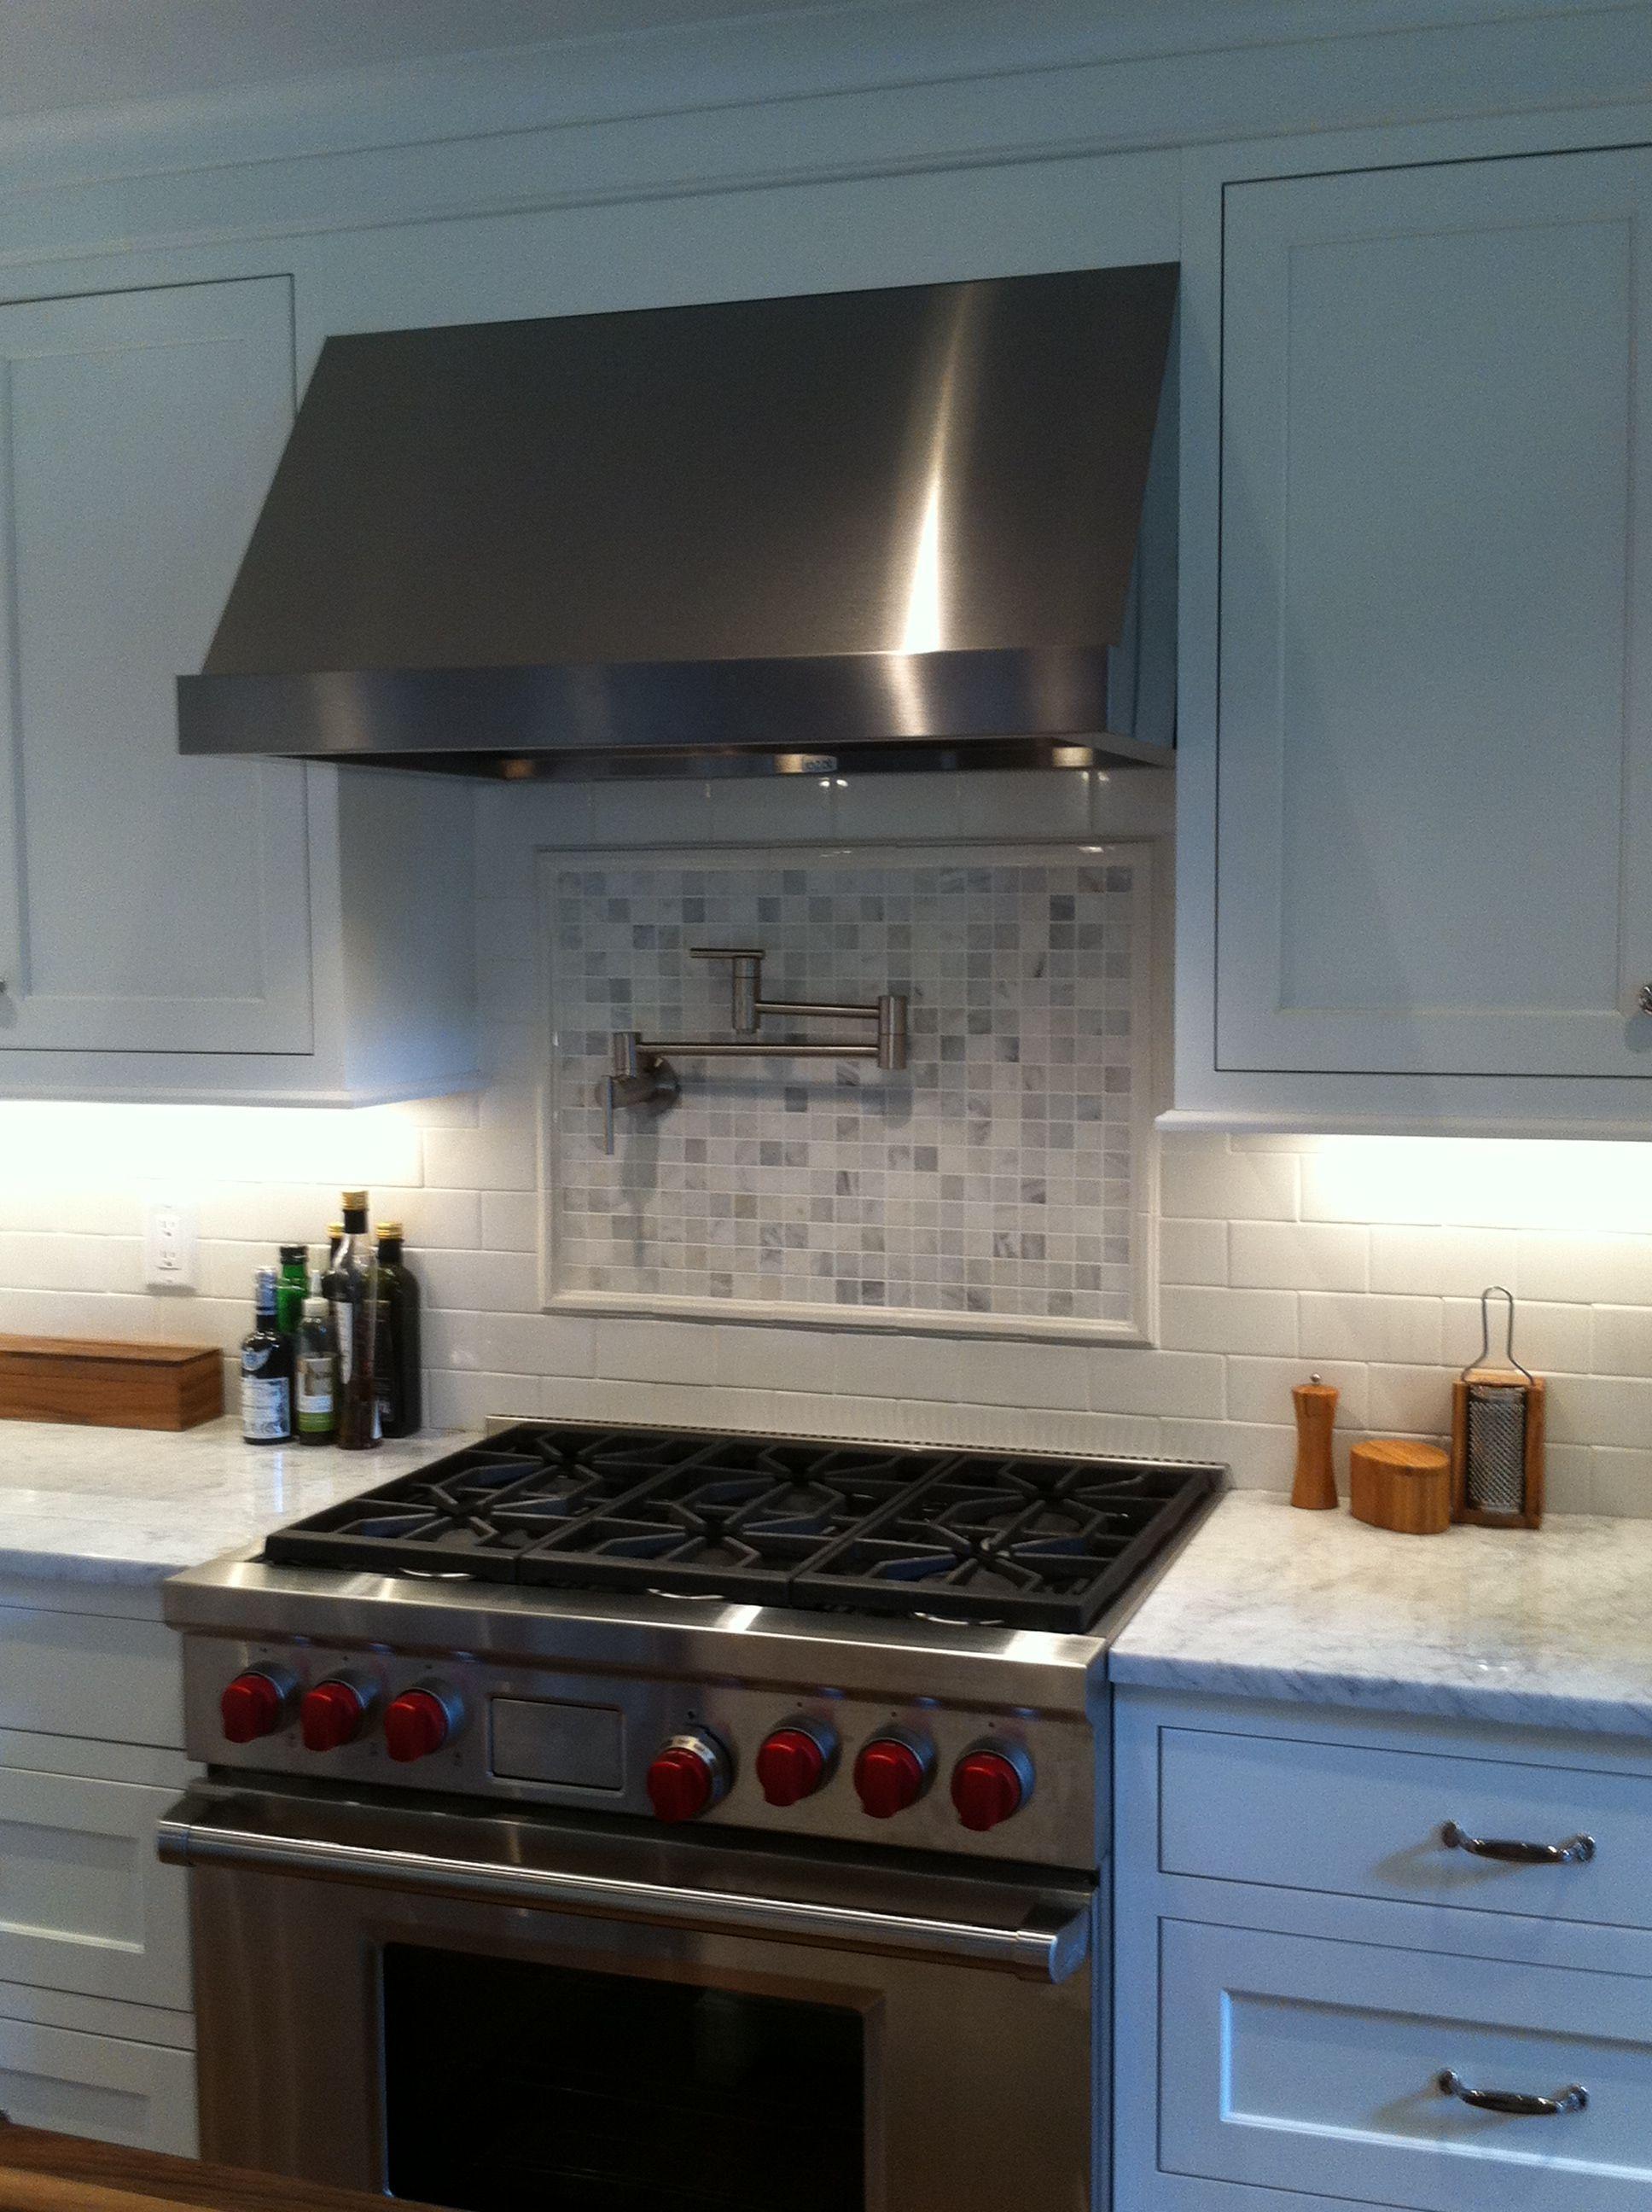 Image result for kitchen inspiration backsplash behind stove with ...